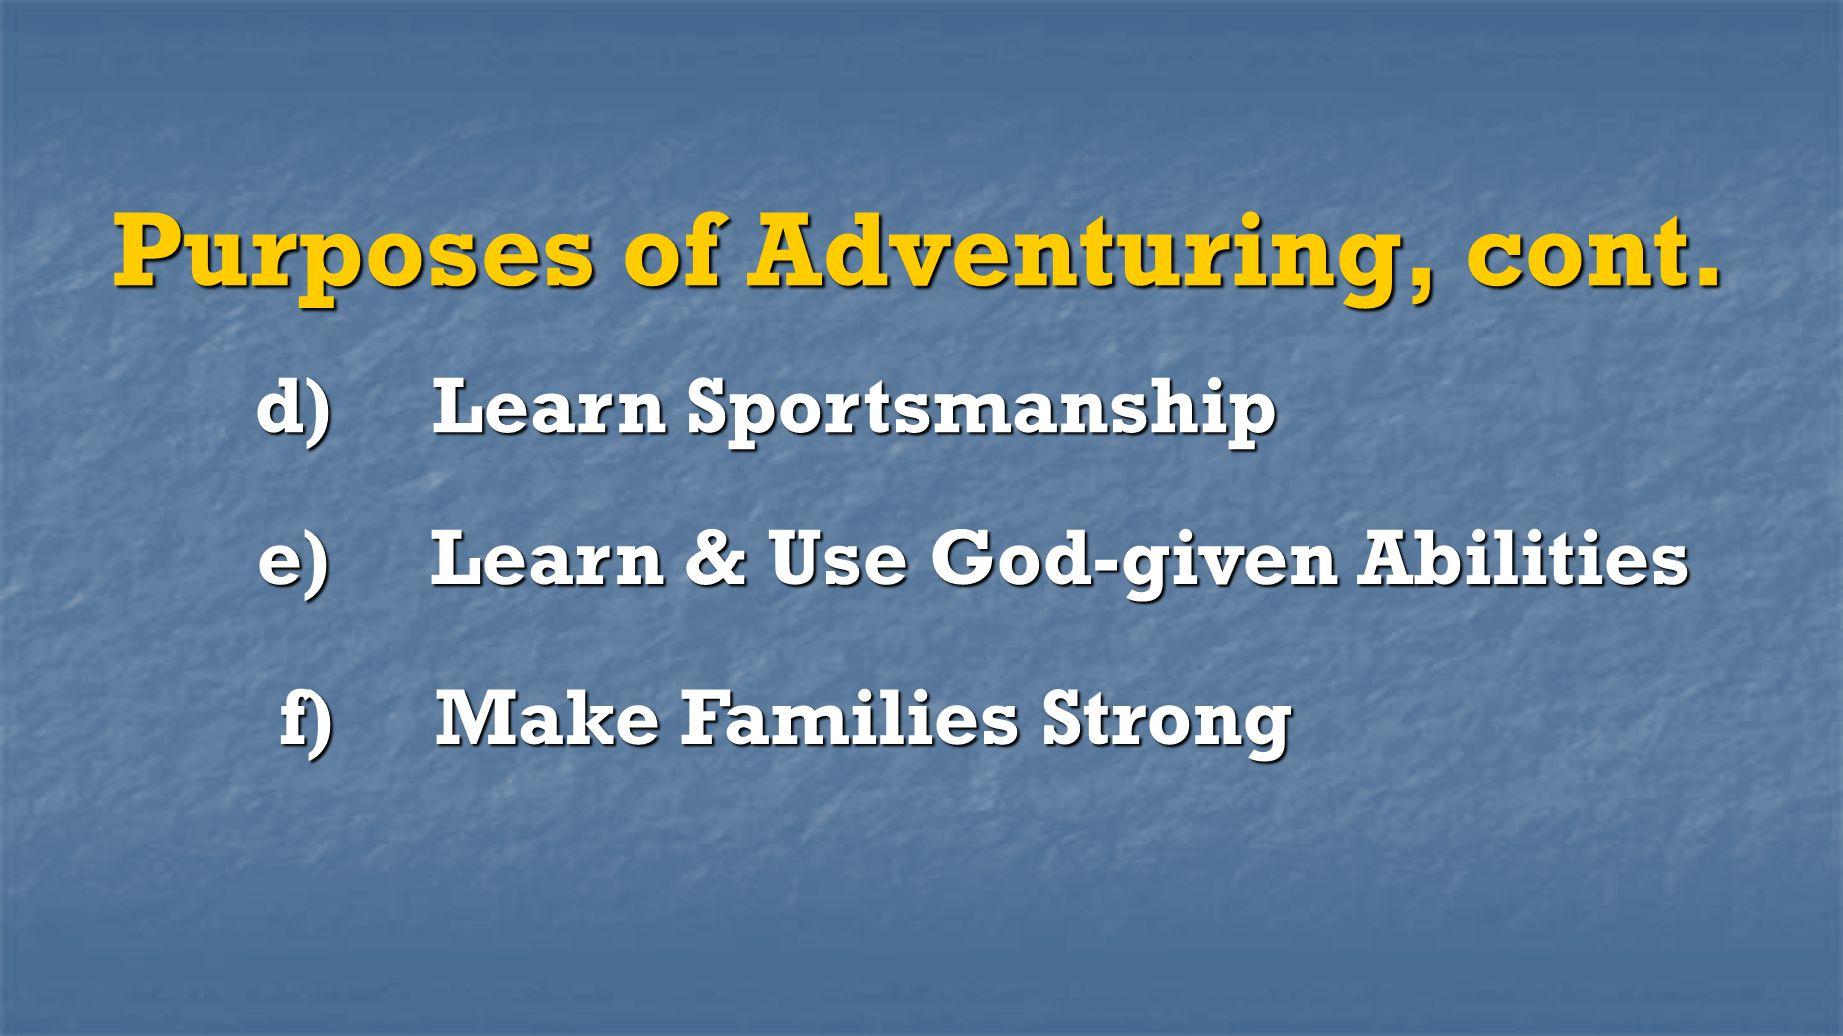 Purposes of Adventuring, cont.